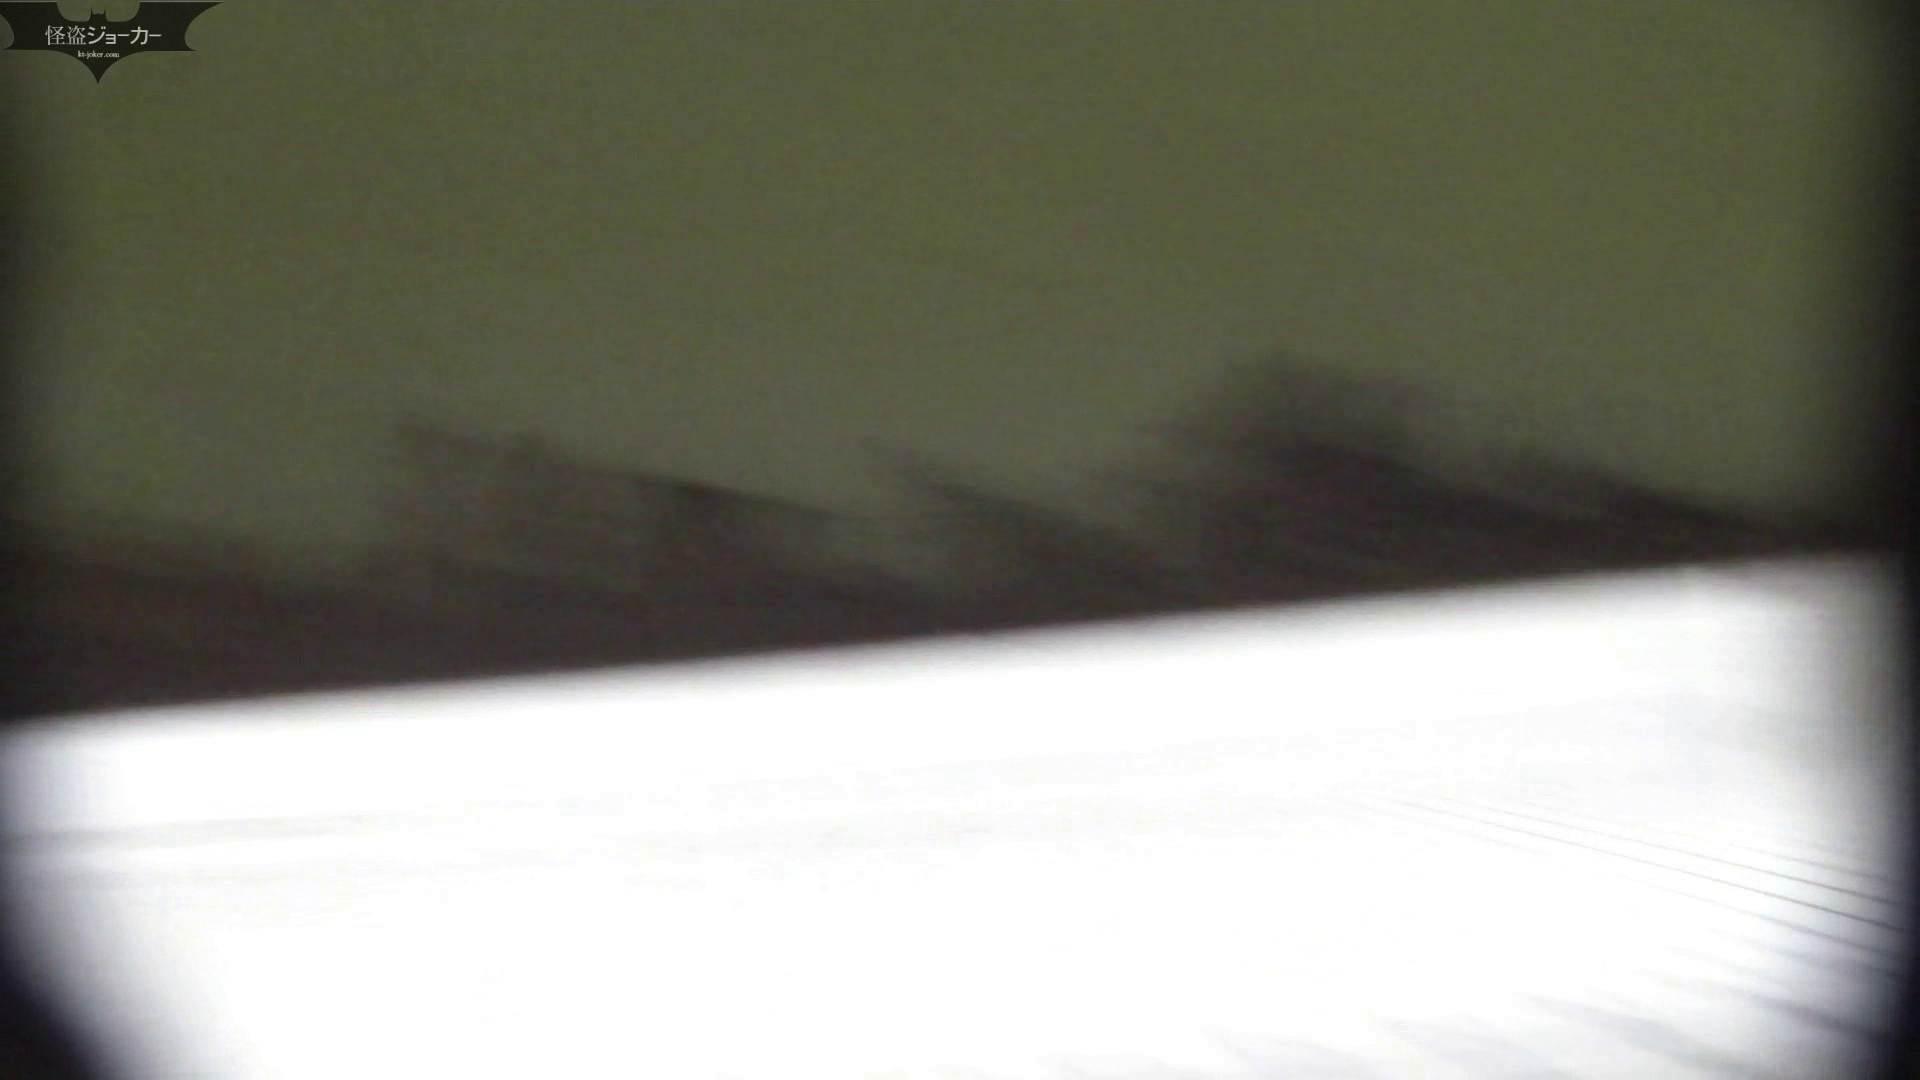 【美しき個室な世界】洗面所特攻隊 vol.051 洗面所 | OLの実態  49pic 31